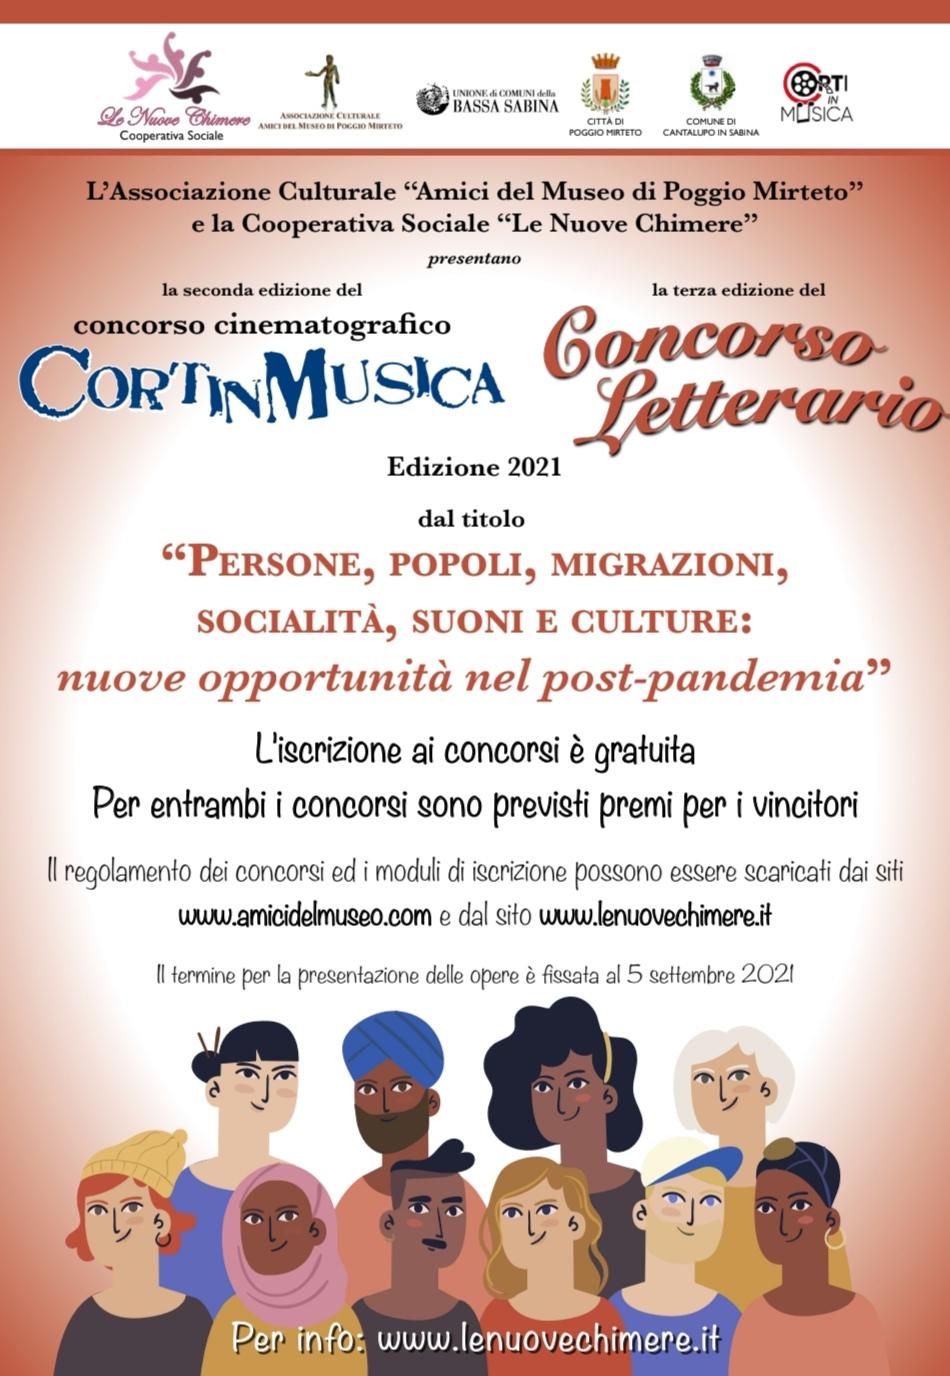 concorso letterario e cinematografico: PERSONE, POPOLI, MIGRAZIONI, SOCIALITA', SUONI E CULTURE: NUOVE OPPORTUNITA' NEL POST PANDEMIA